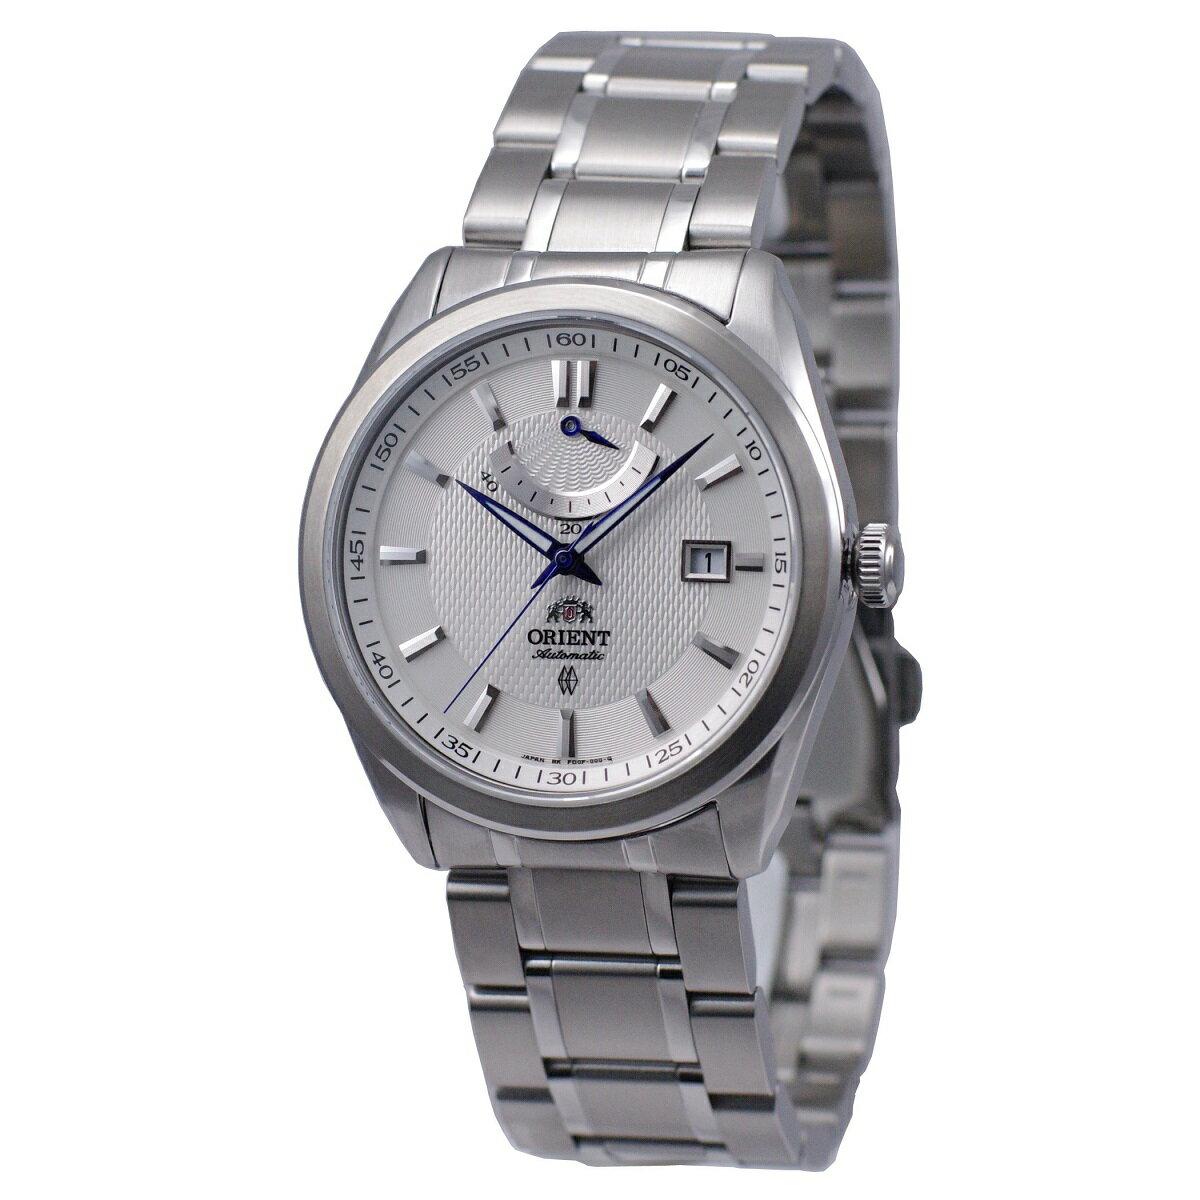 オリエント ORIENT 腕時計 機械式 自動巻き SFD0F001W0 国内正規 メンズ [逆輸入品]